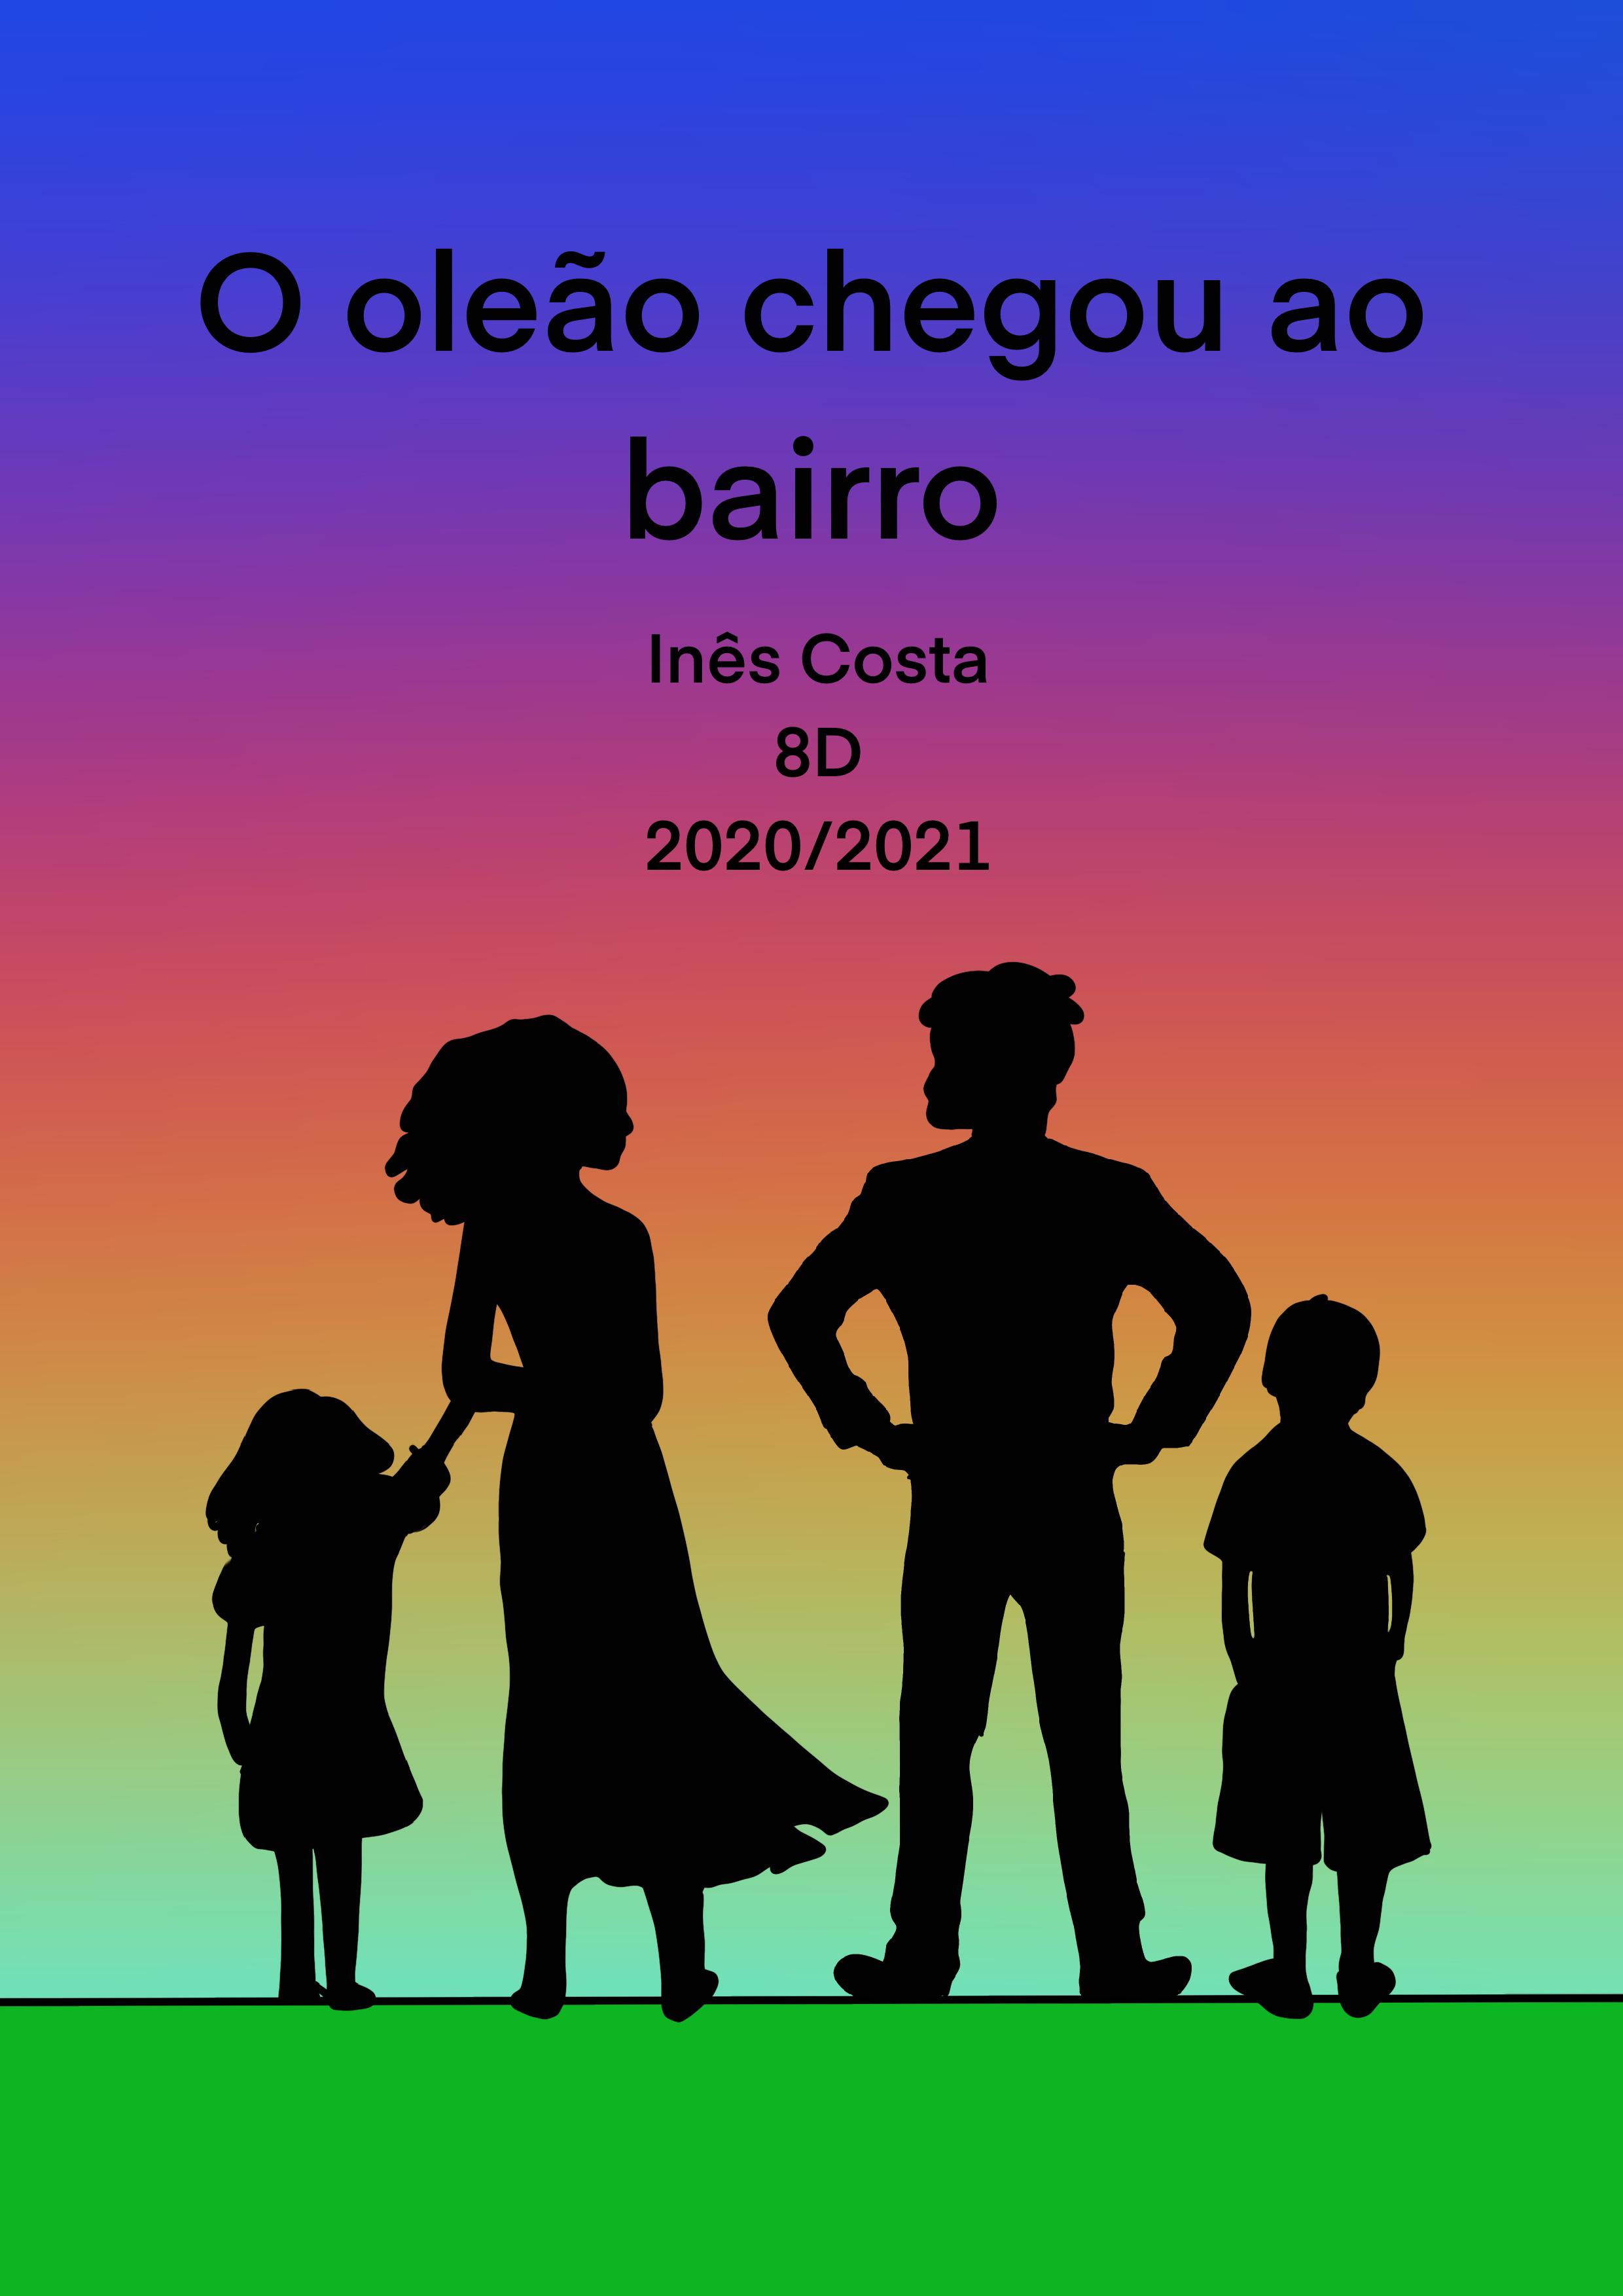 CONTRACAPA_BD_INES_COSTA_8D